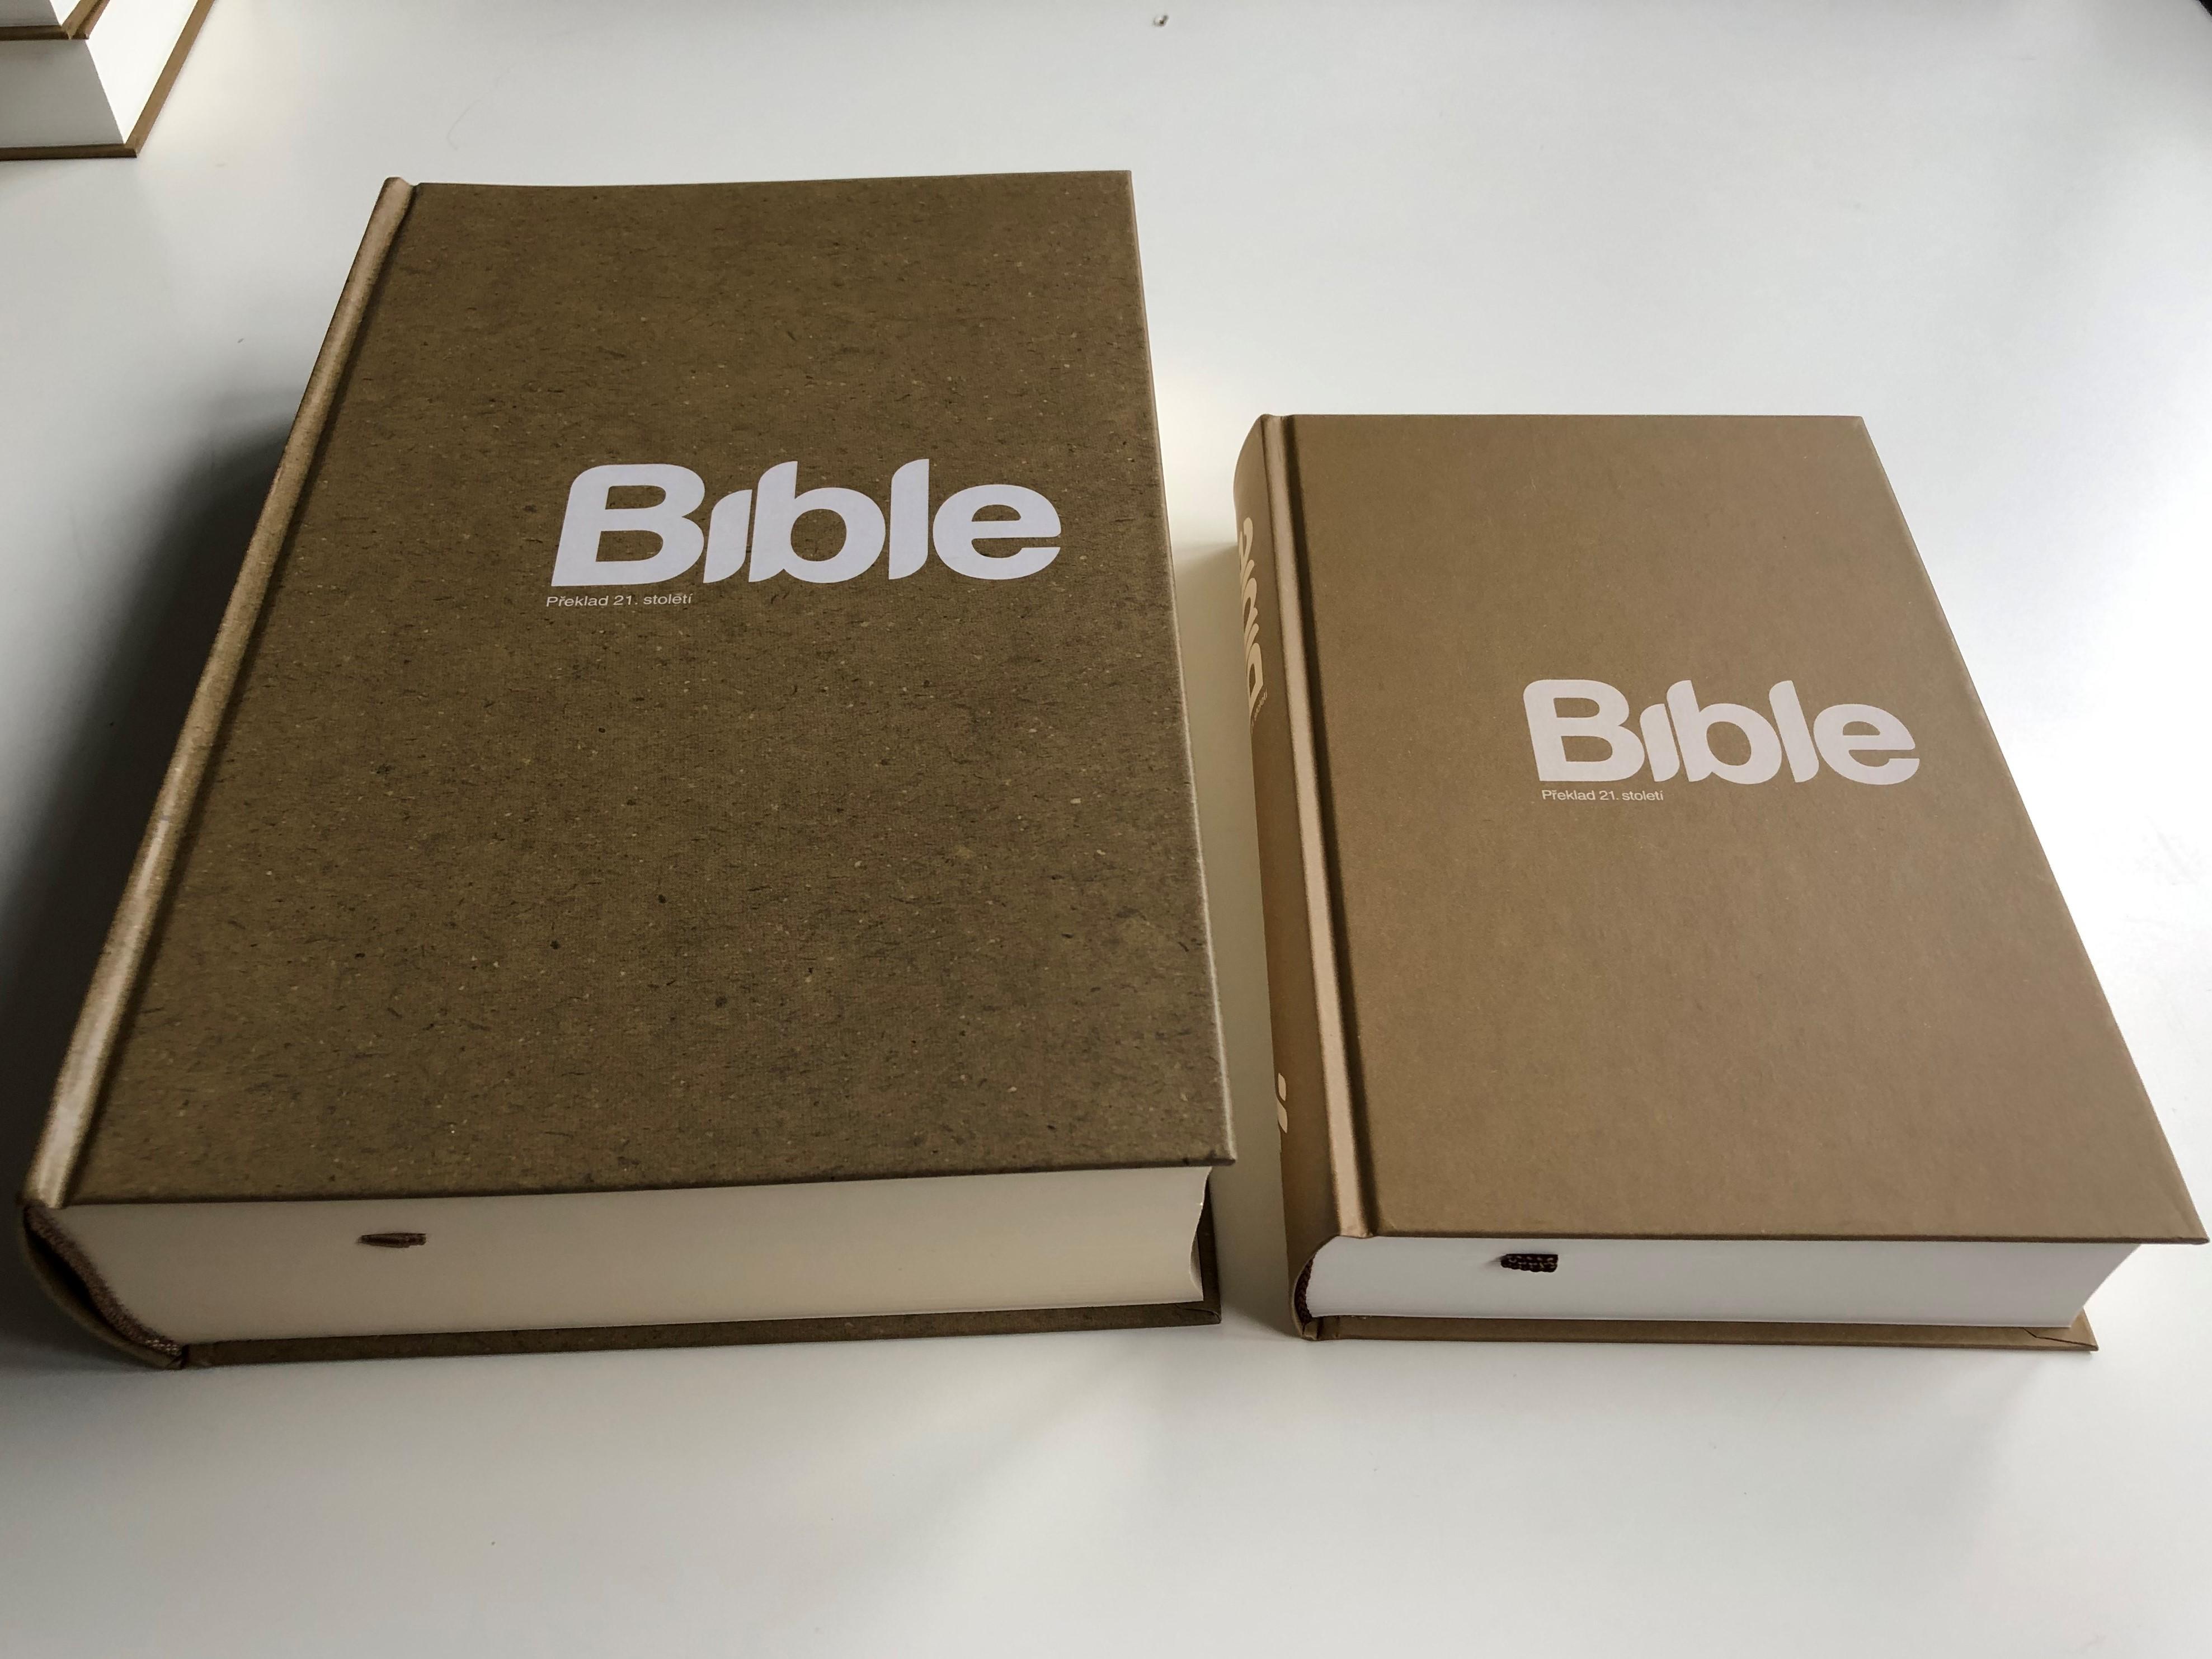 czech-large-print-bible-xl-bible21-2.jpg